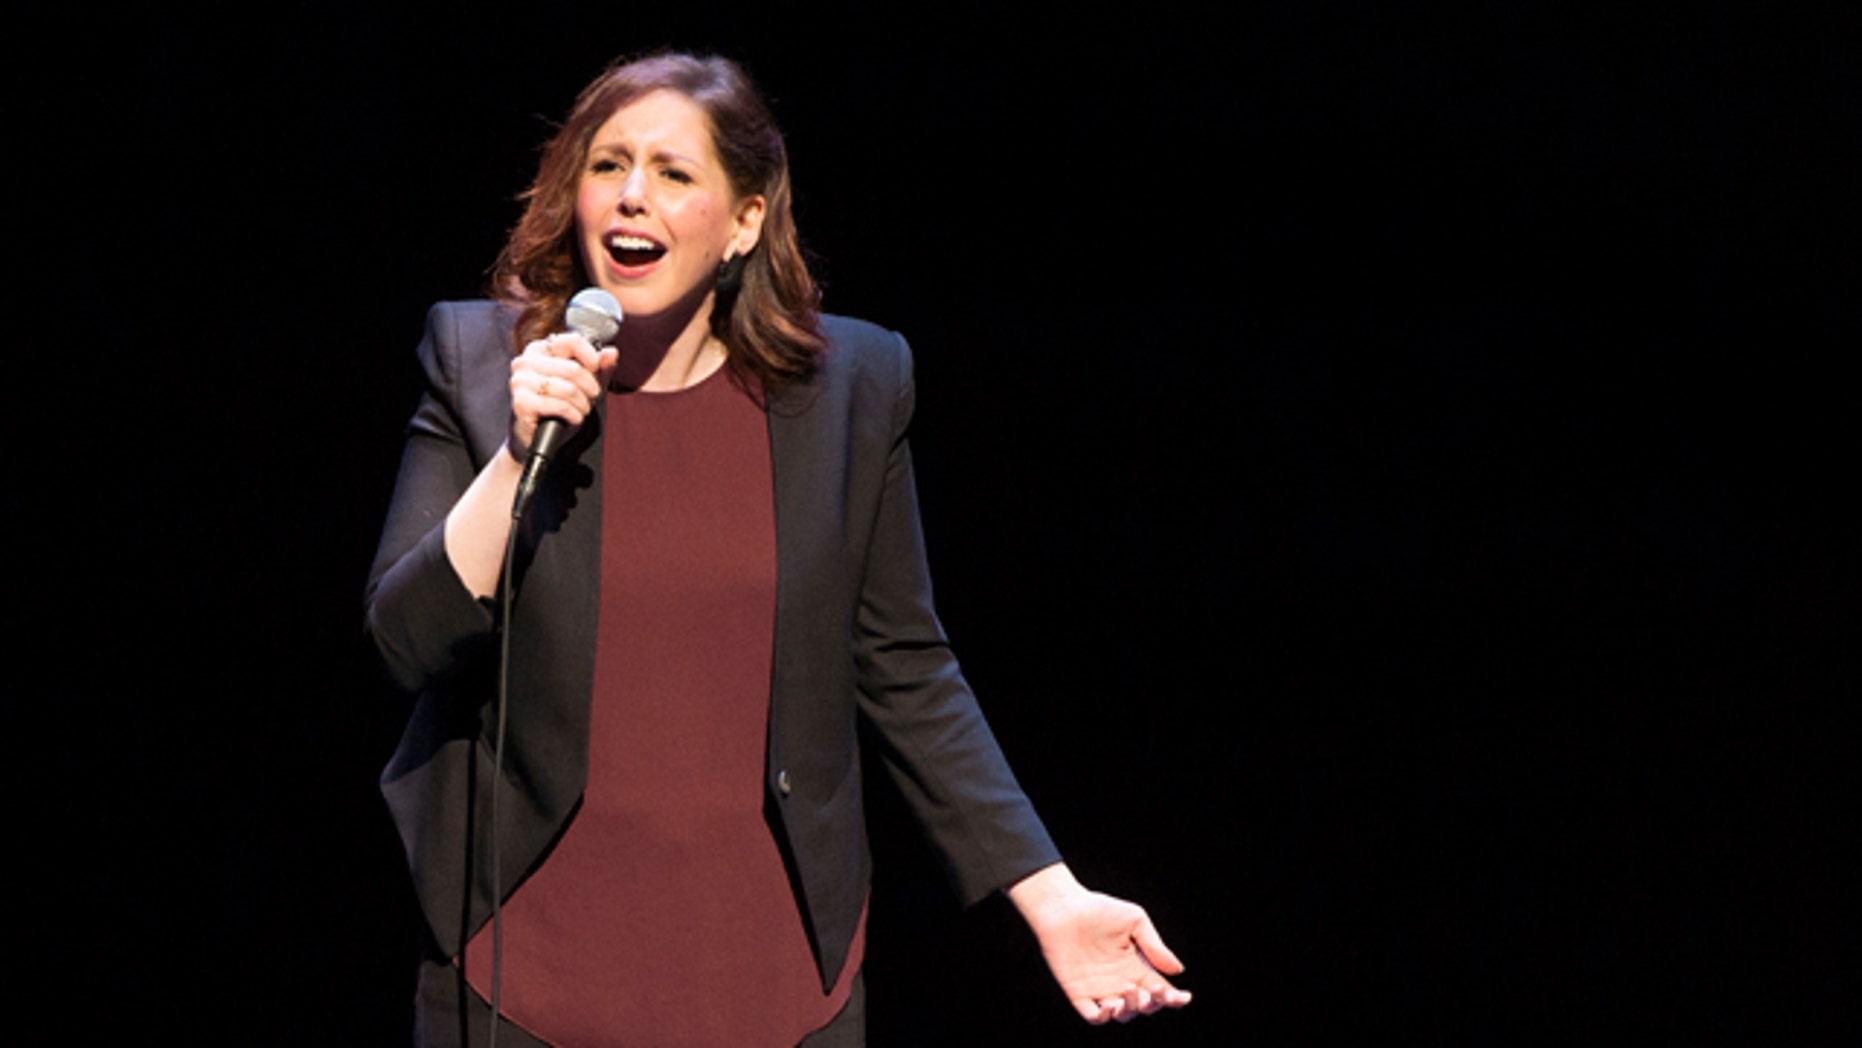 Vanessa Bayer has announced she's leaving 'SNL'